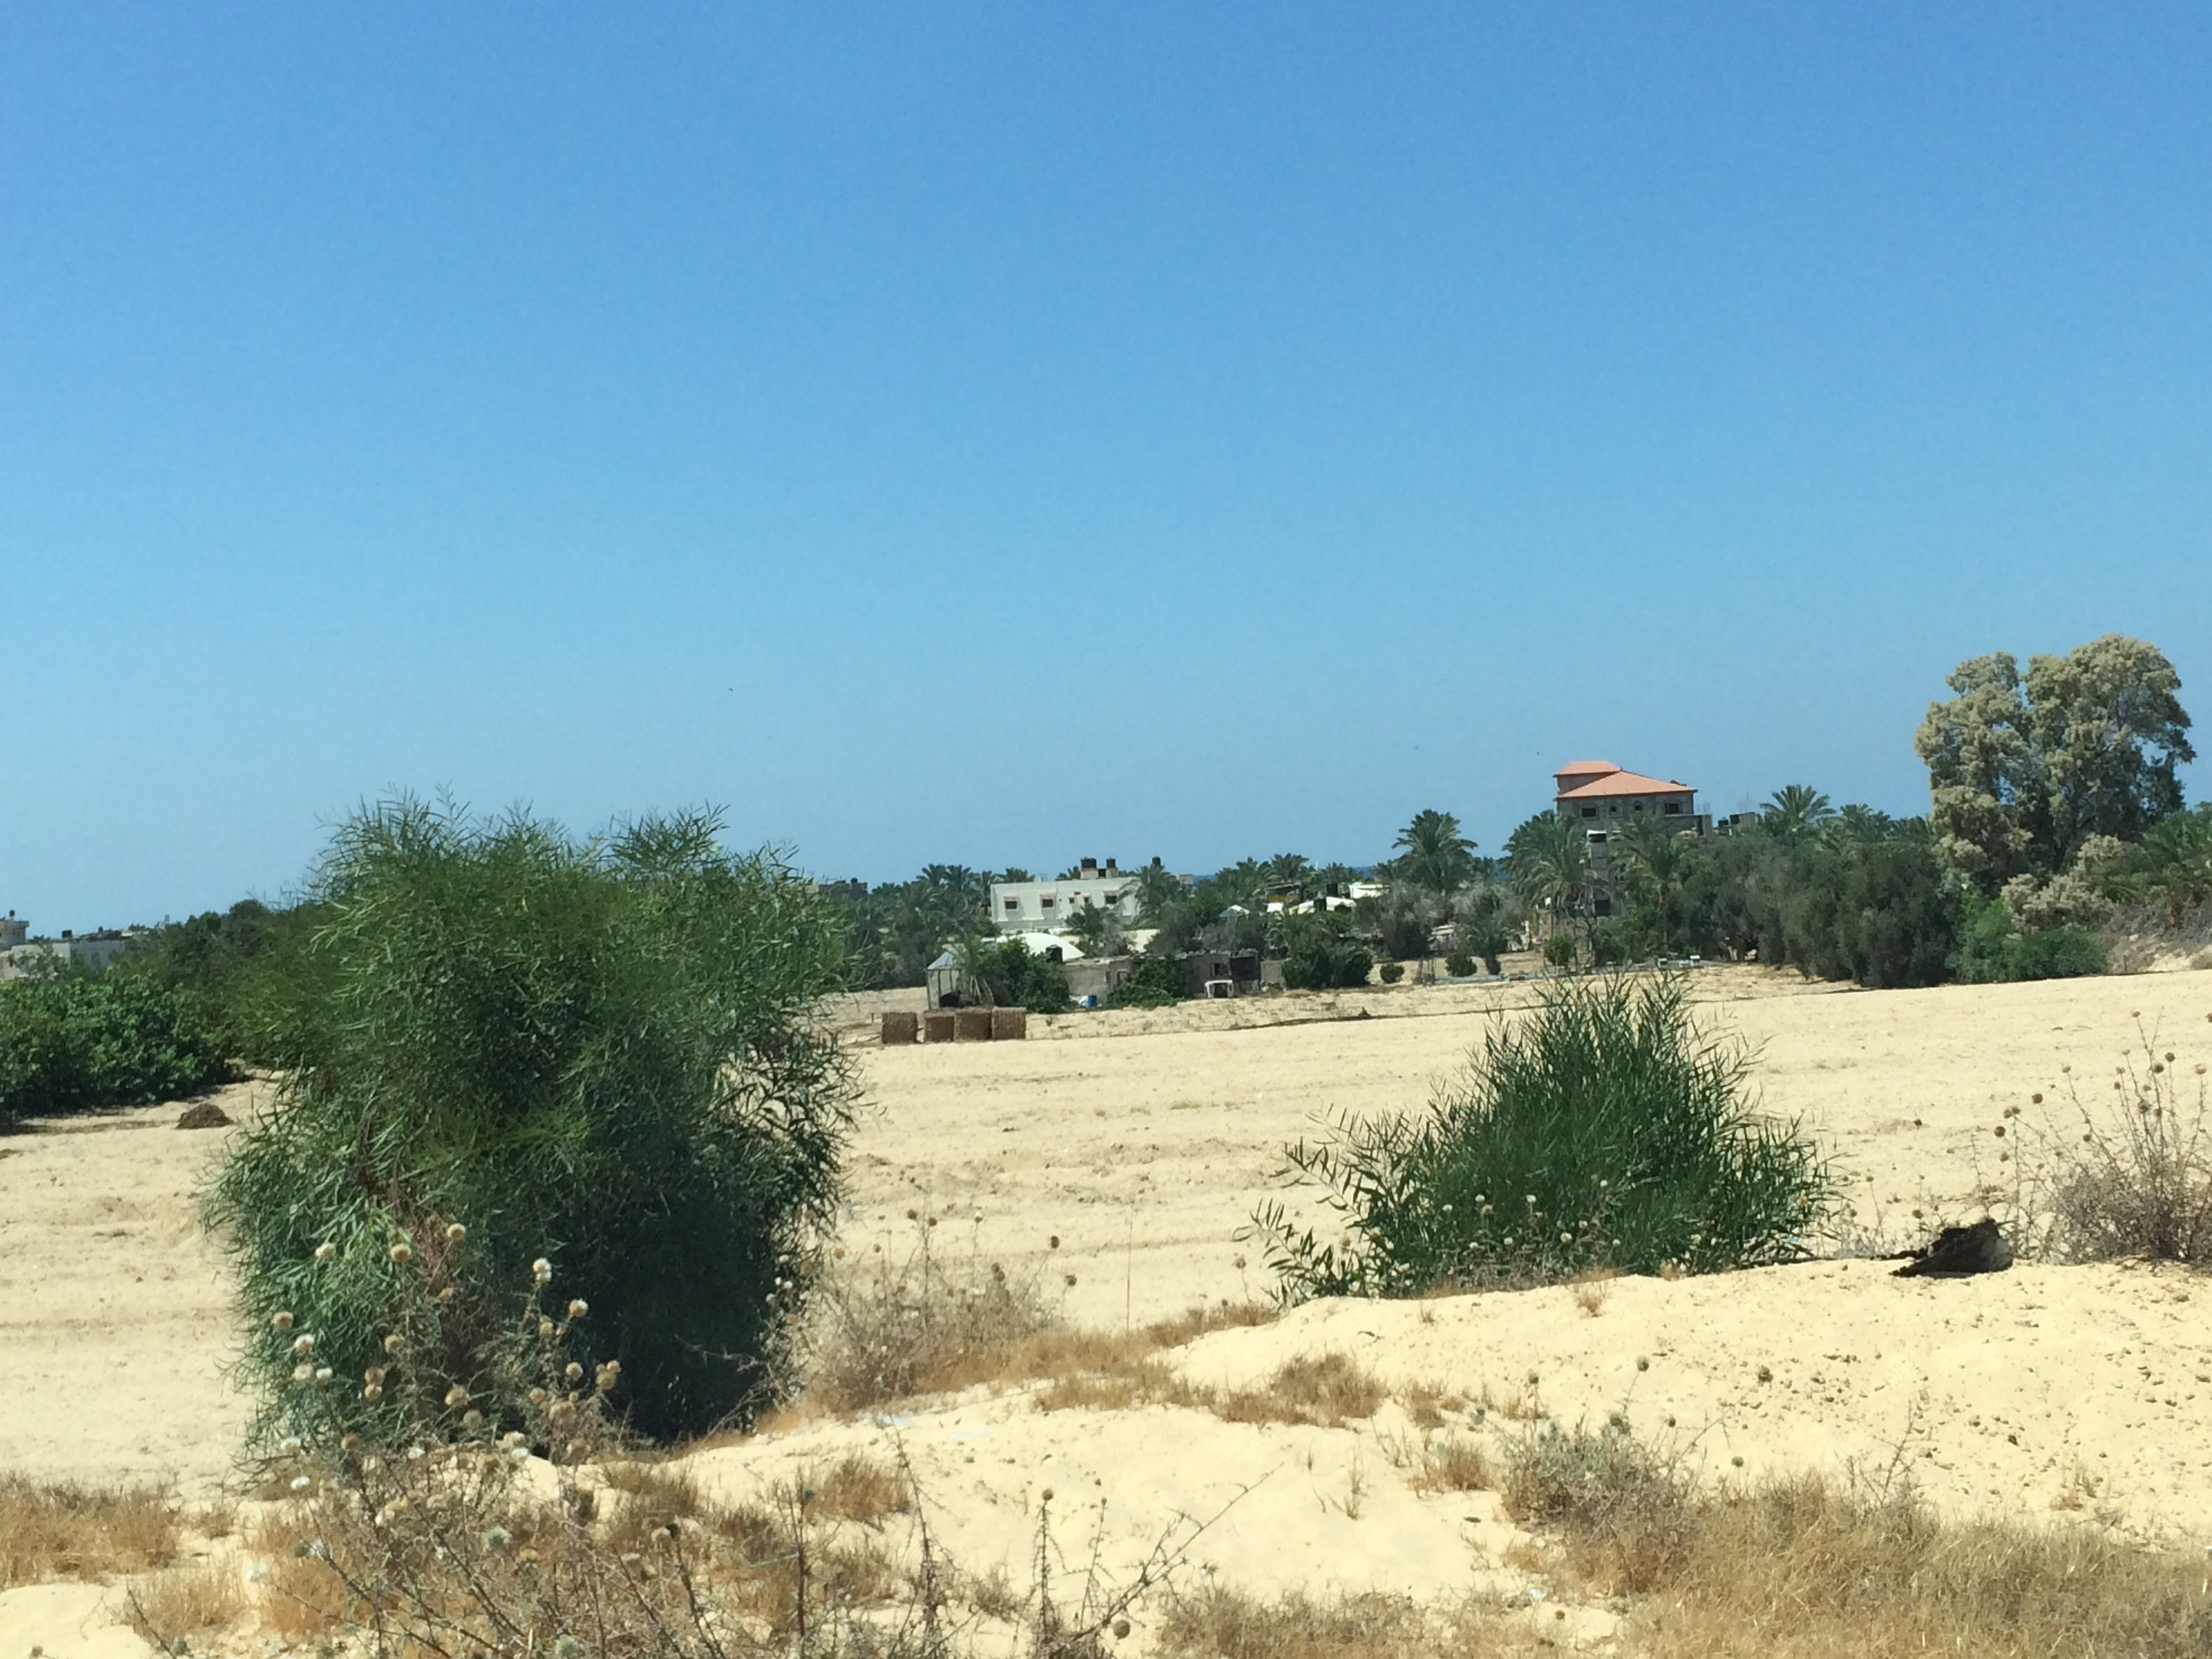 Gaza. La zona di Mawasi, fino a 10 anni fa occupata dai coloni israeliani. Foto di Federica Riccardi